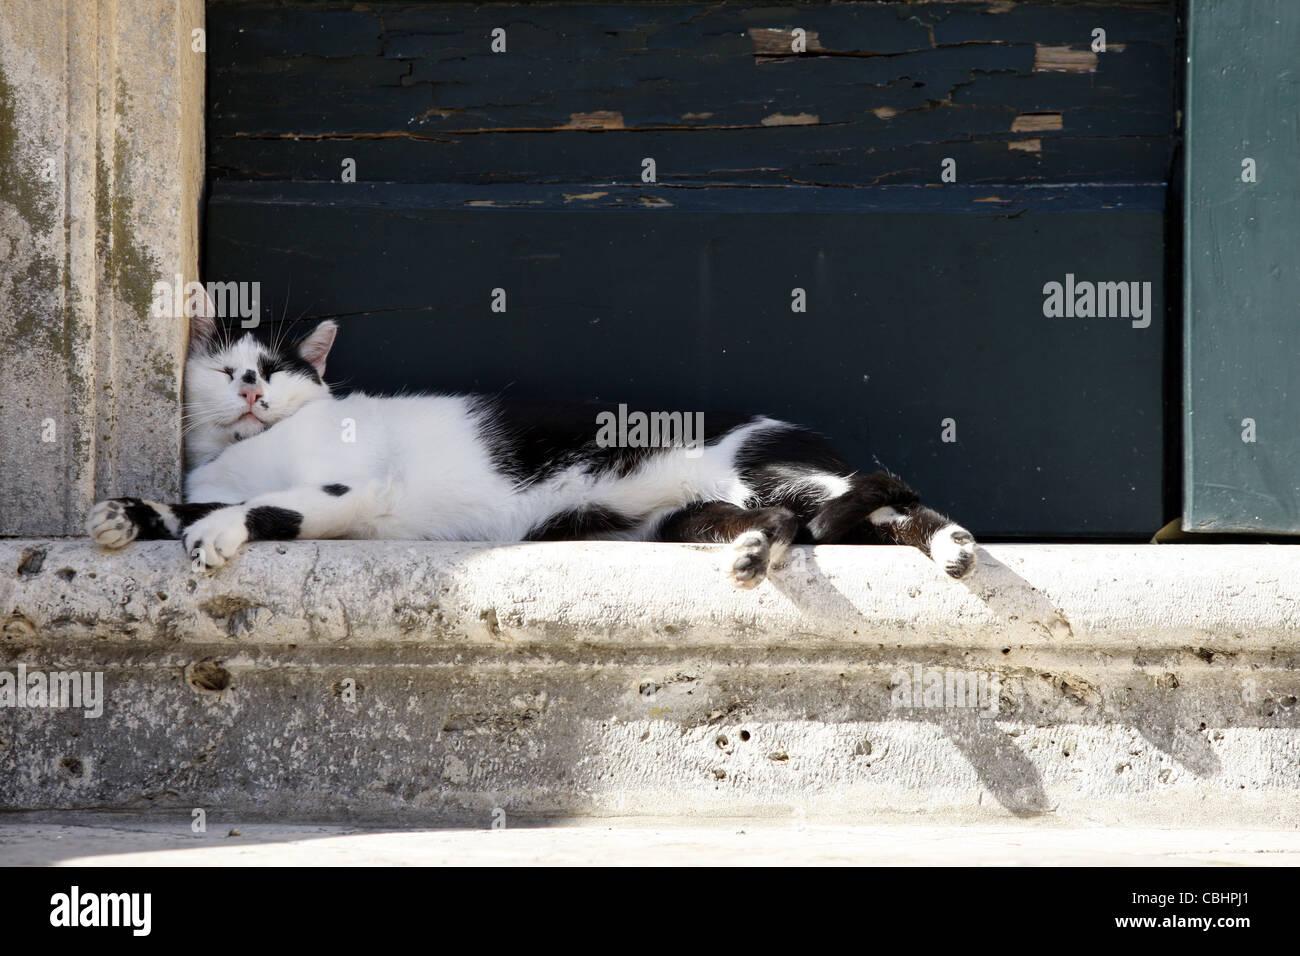 CAT NAPS IN DOORWAY OLD TOWN DUBROVNIK CROATIA 05 October 2011 - Stock Image